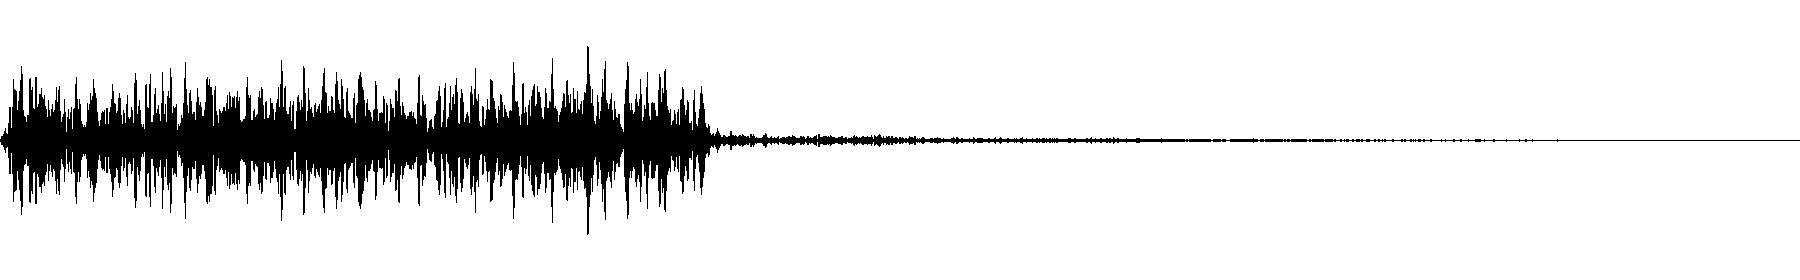 vedh synth cut 115 em